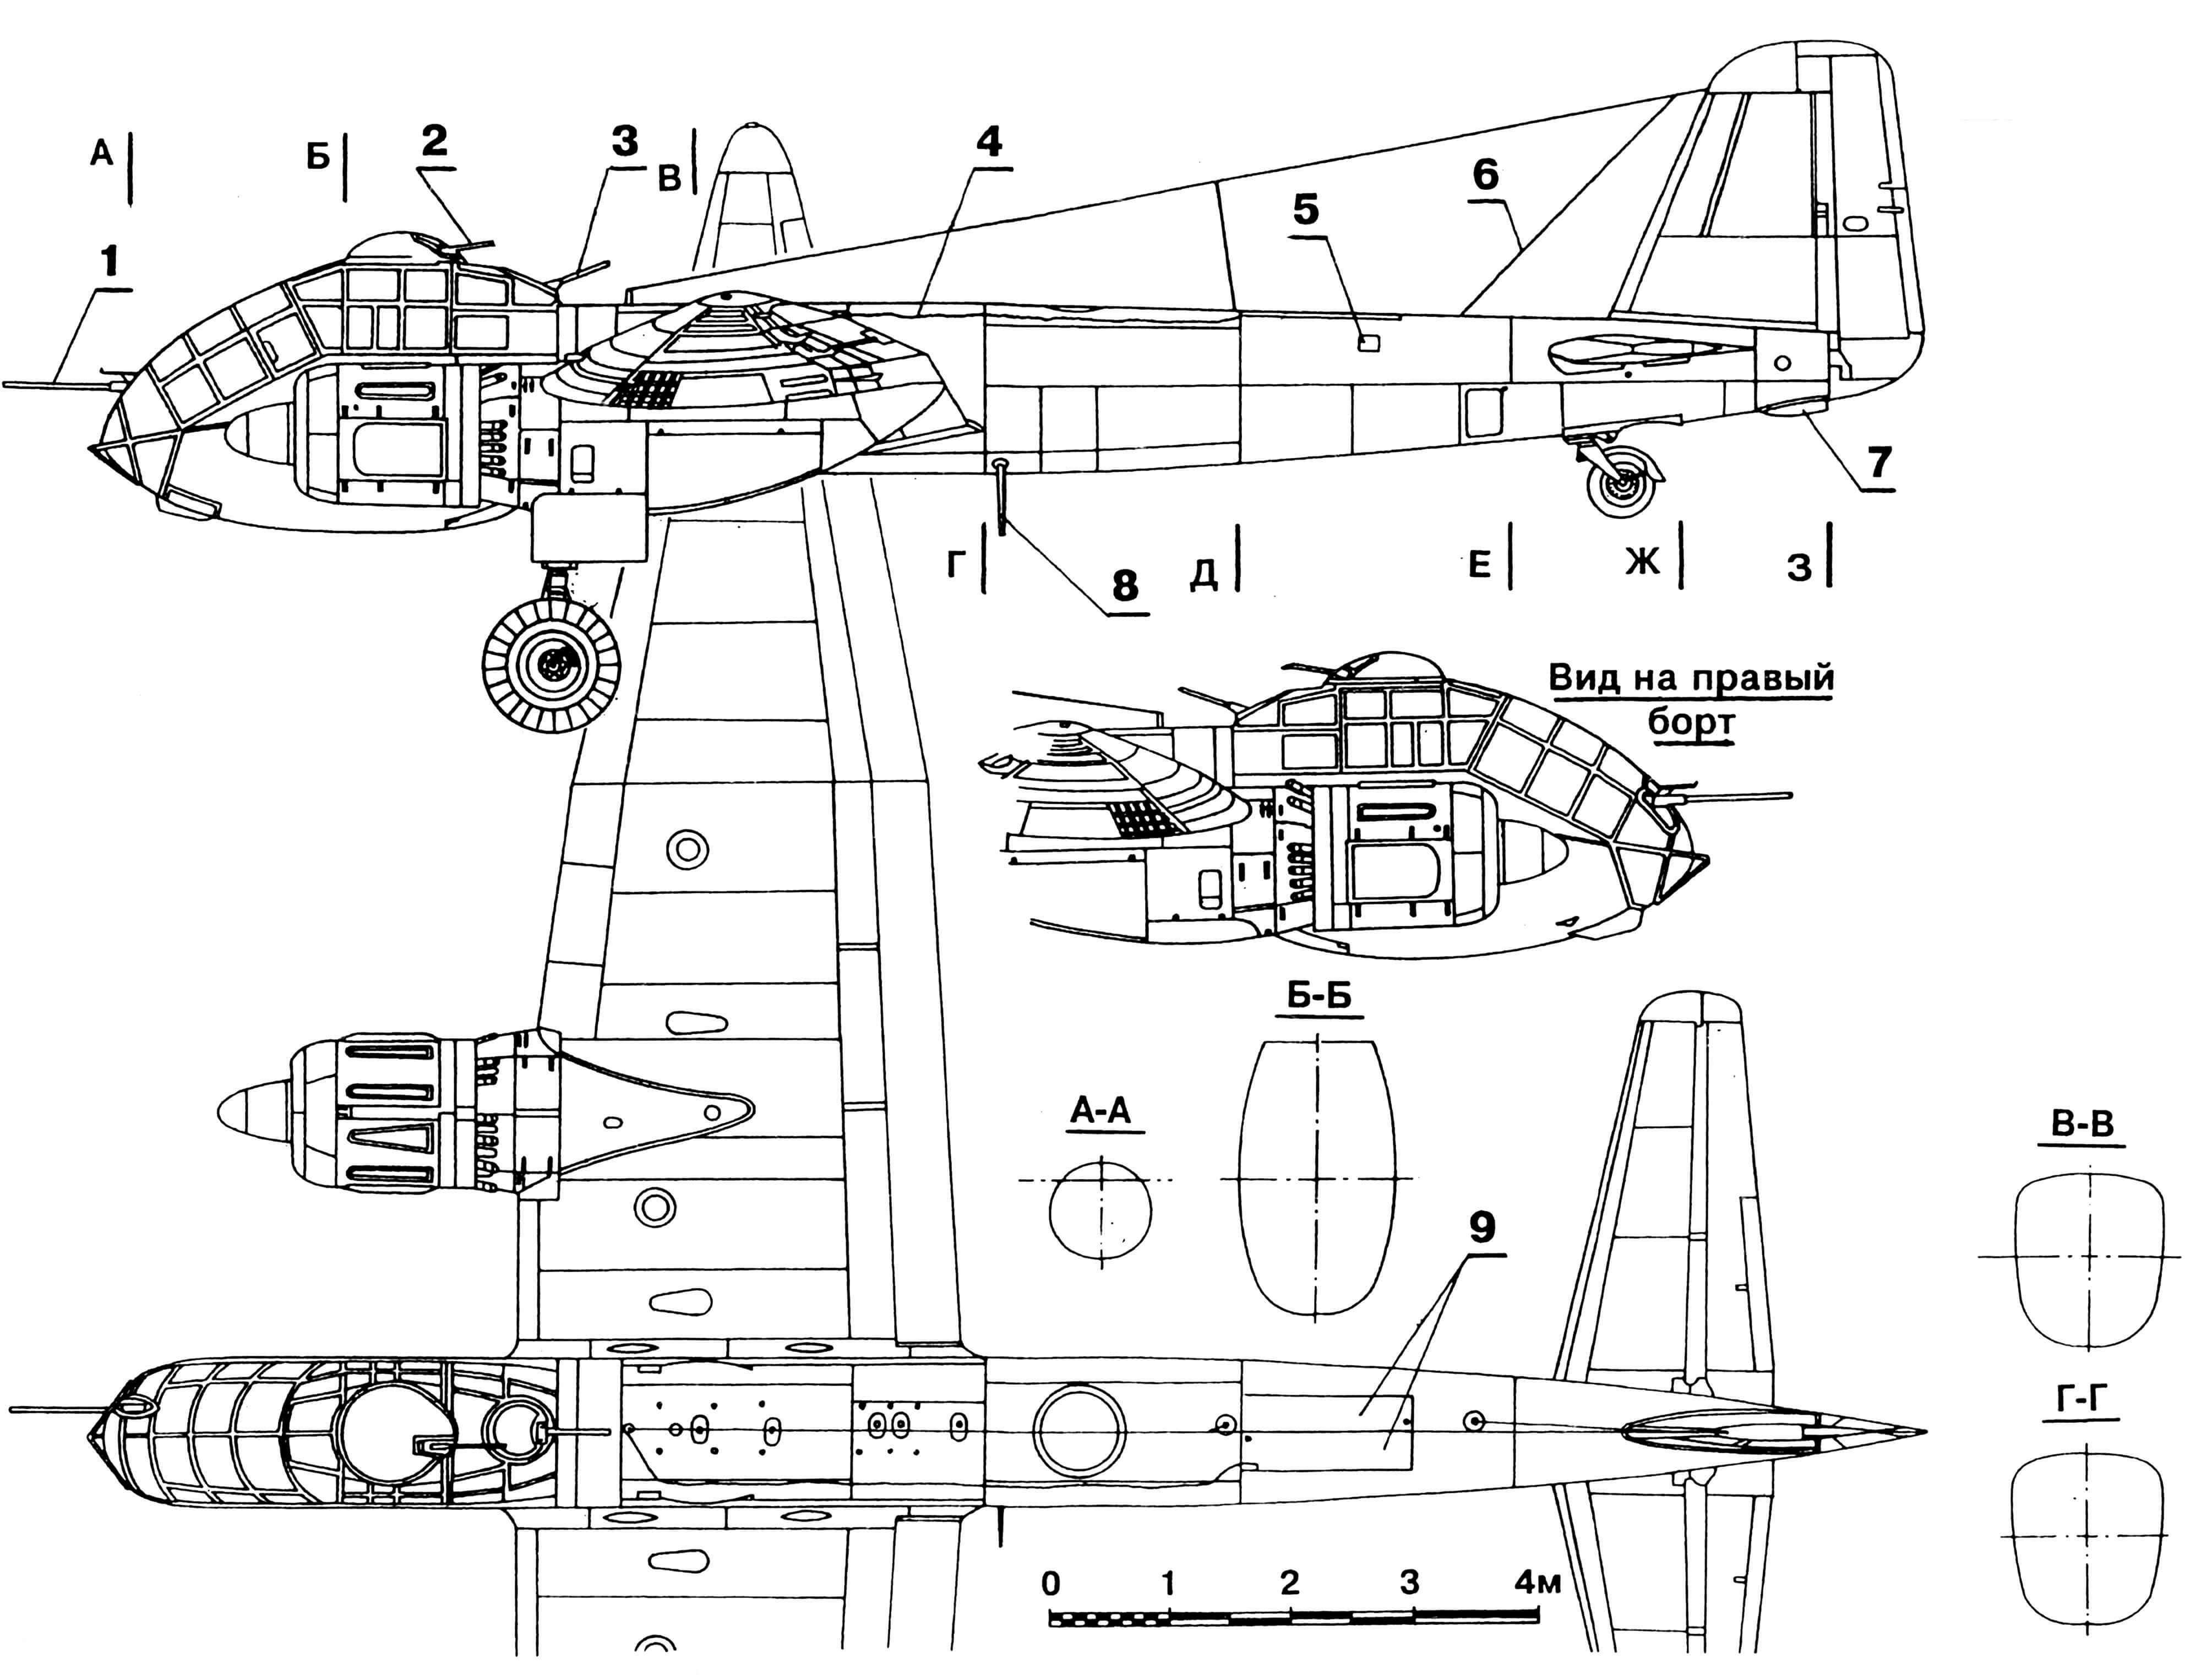 «Юнкерc» Ju 188Е-1 Raecher: 1 — пушка MG 151/ 20, 2,3 — пулеметы MG 131, 4 — тросик спасательной лодки, 5 — лючок аптечки, 6 — антенна радиостанции FuG 16, 7 — патрубок аварийного слива топлива, 8 — грузик выпускаемой тросовой антенны FuG 16, 9 — створки отсека спасательной лодки, 10 — приборная панель пилота, 11 — место стрелка-радиста, 12 — оптический бомбовый прицел, 13 — кресло пилота, 14 — крышка люка для доступа экипажа в кабину, 15 — трубка Пито, 16 — воздушный тормоз, 17 — бомбы SC 250 на внешней подвеске, 18 — створки ниши заднего колеса, 19 — створки бомболюка, 20 — топливный бак в переднем бомбовом отсеке, 21 — спаренный пулемет MG 81Z.